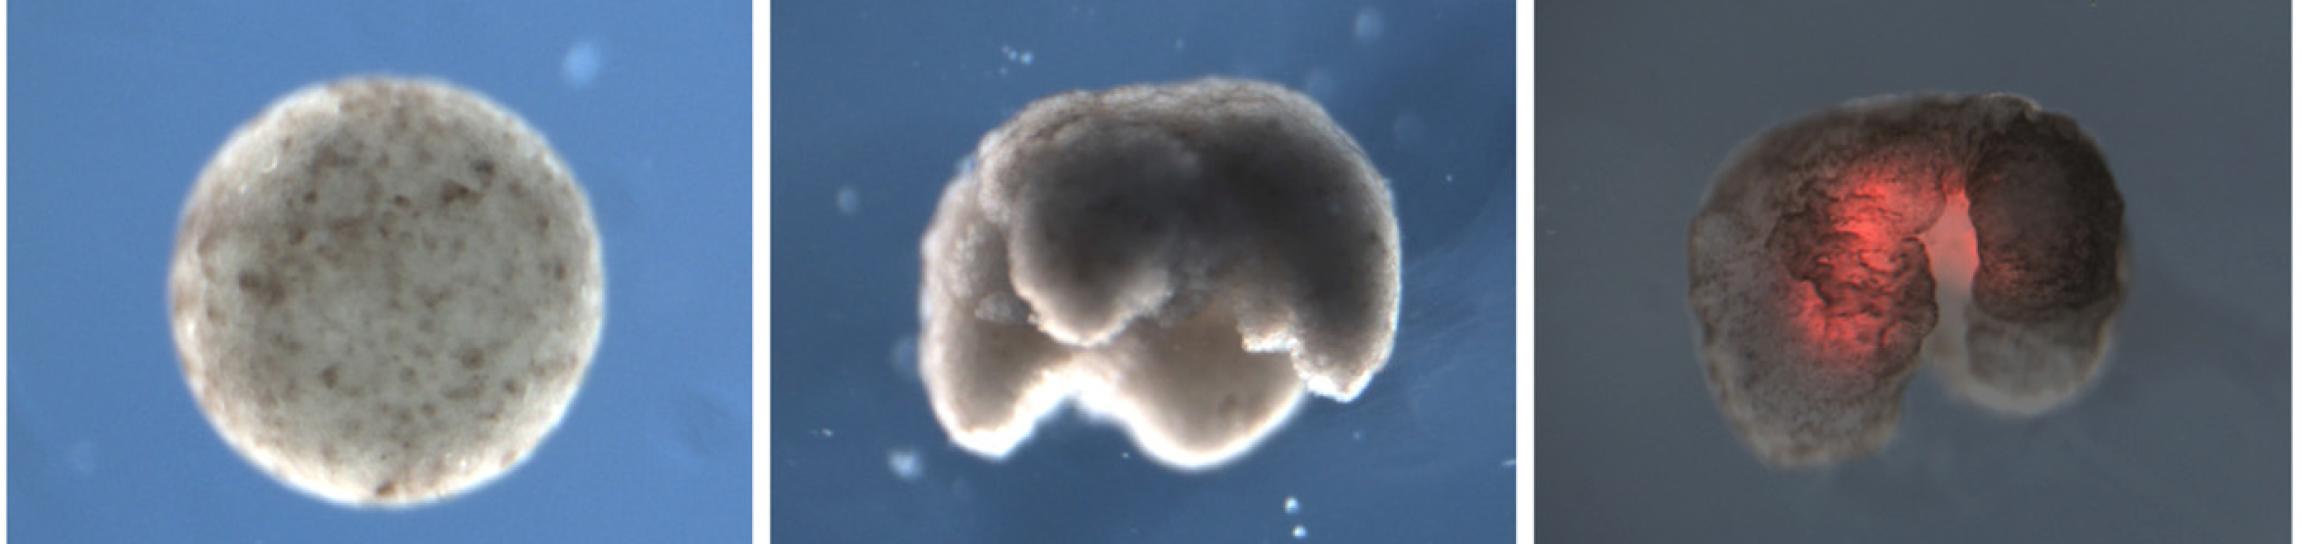 Ксеноботы: живые нанороботы из клеток лягушки - 1